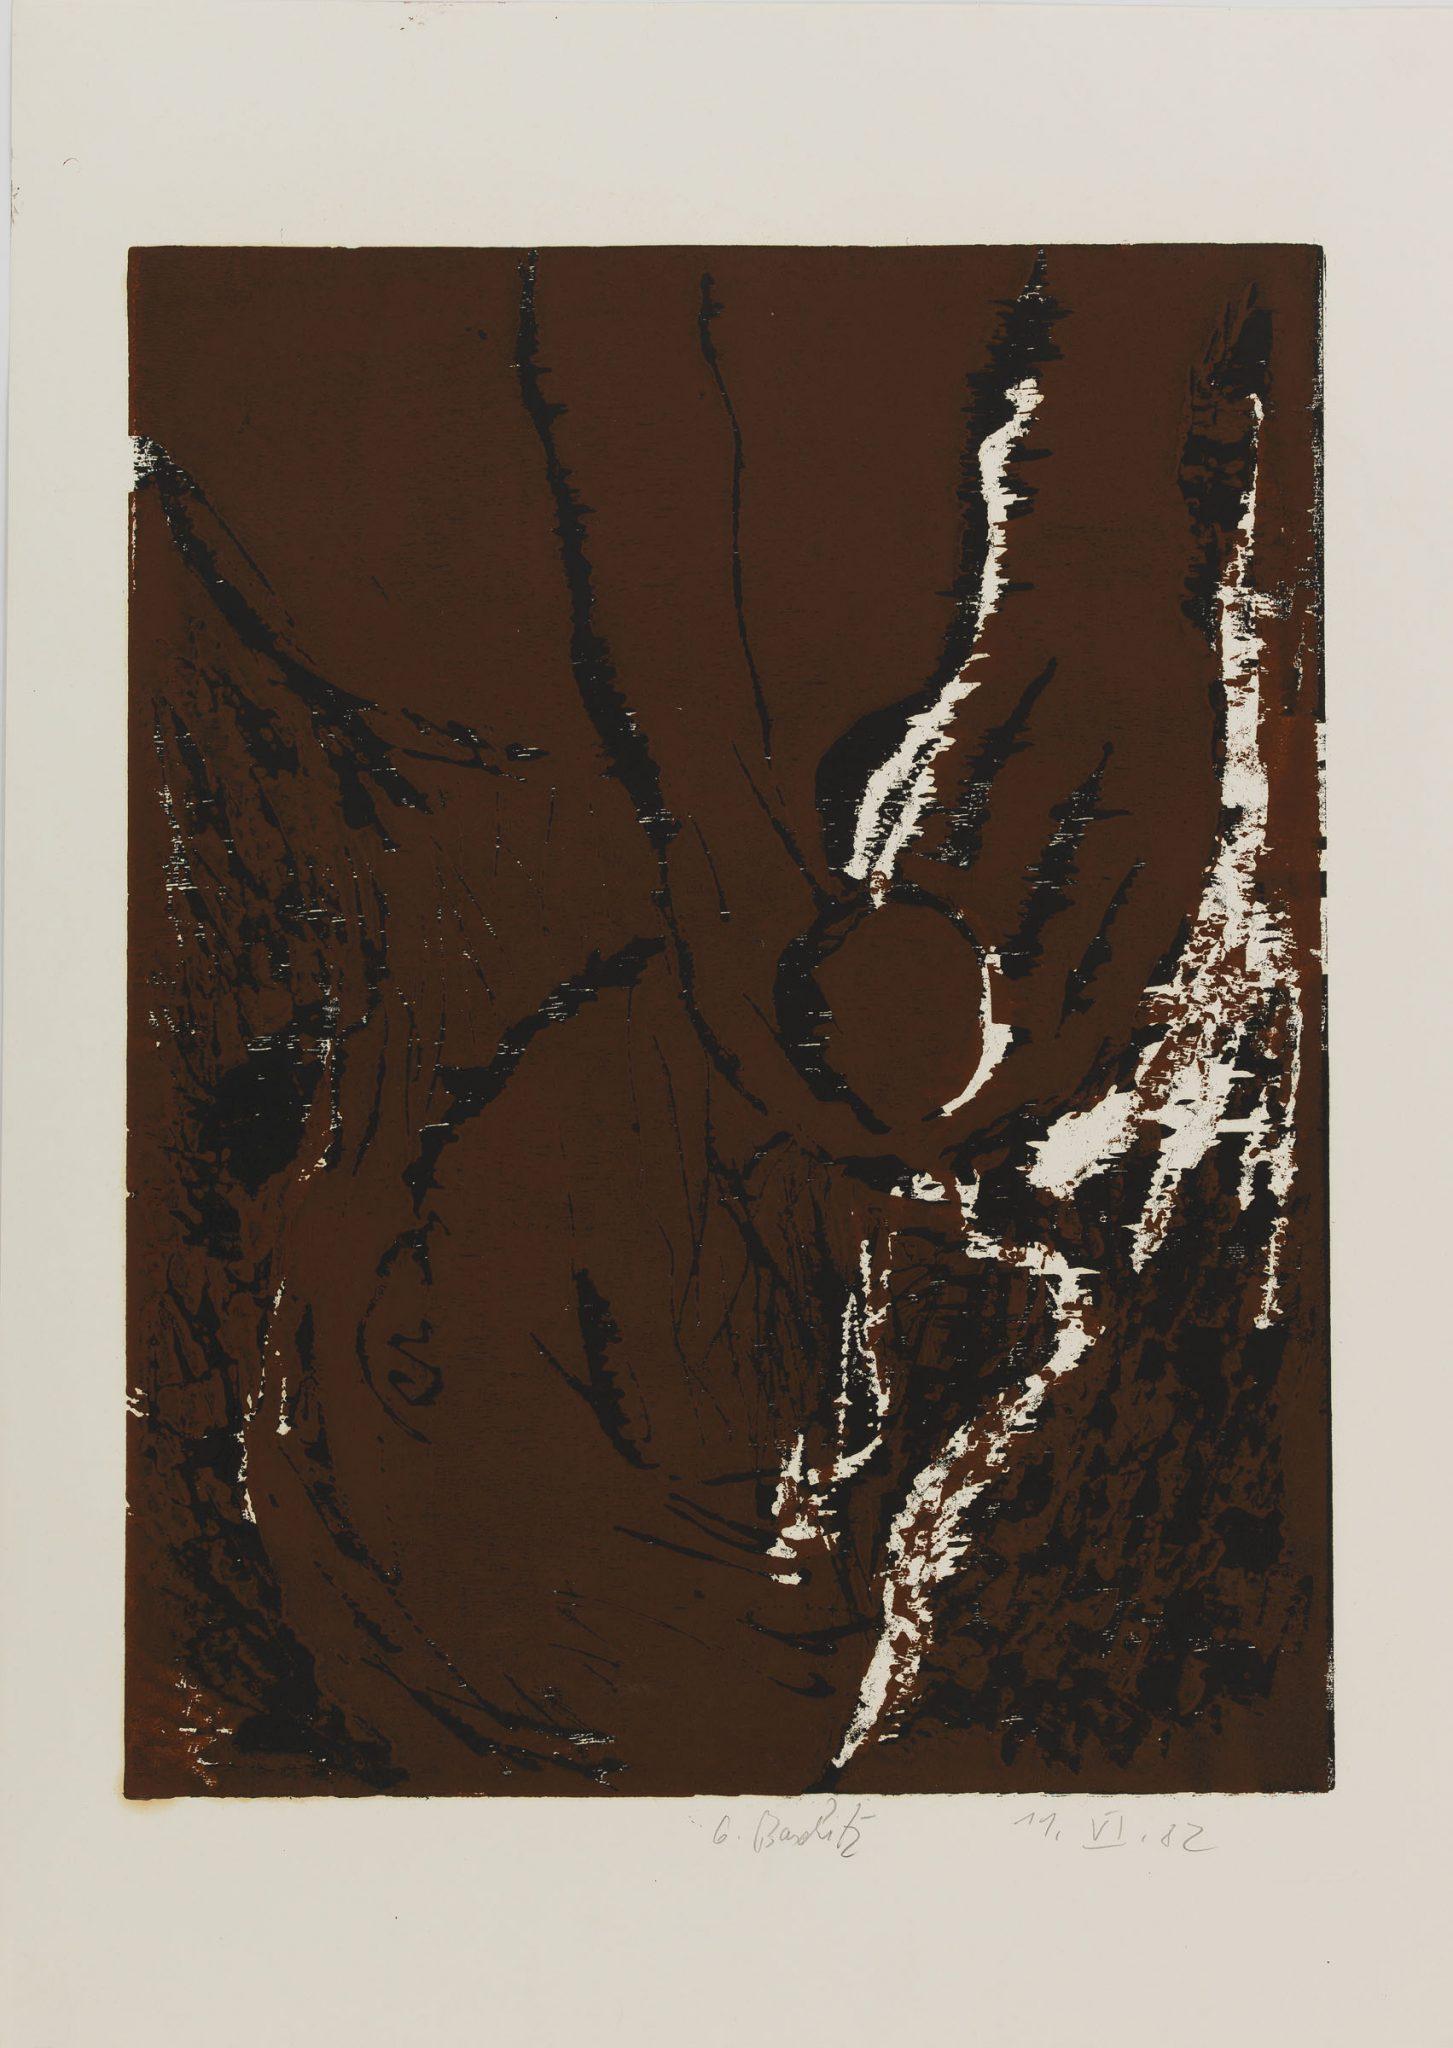 Georg Baselitz, Profilkopf, 1982, offset apprêté; Xylographie, image: 650 x 502 mm; feuille: 862 x 610 mm. © Musées d'art et d'histoire, Ville de Genève, Cabinet d'arts graphiques. Photo: André Longchamp